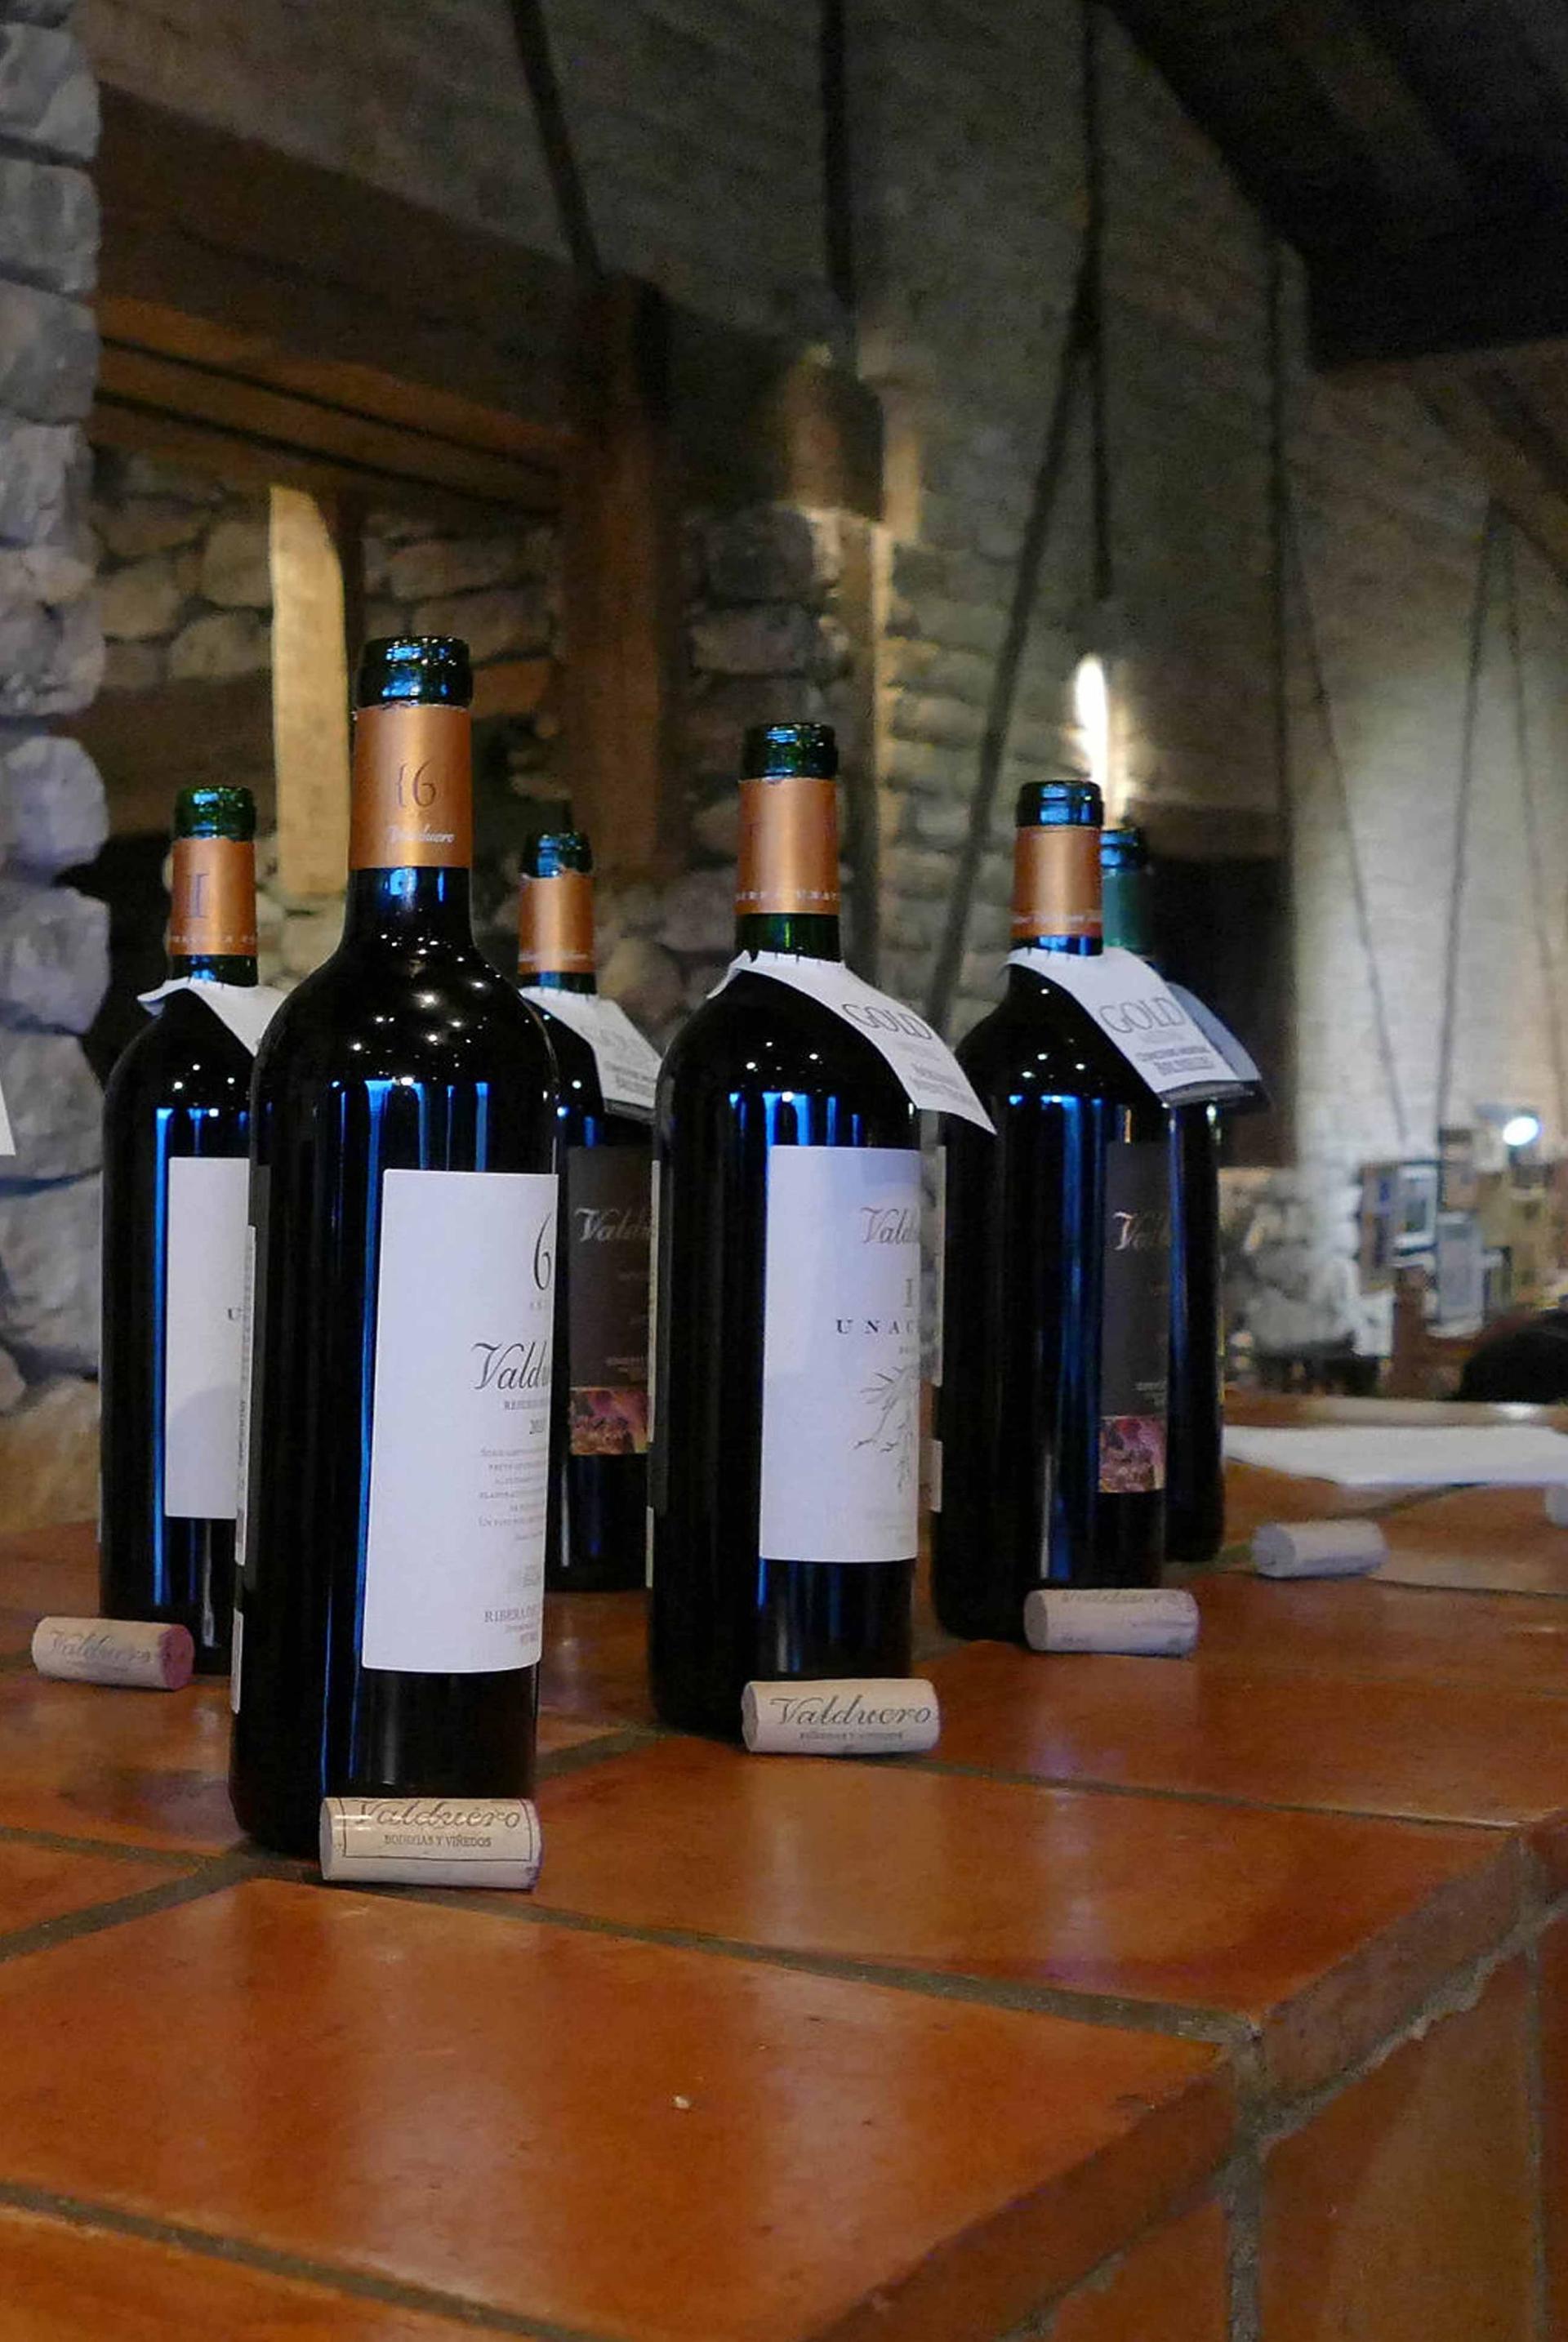 Cata de vinos en las Bodegas Valduero